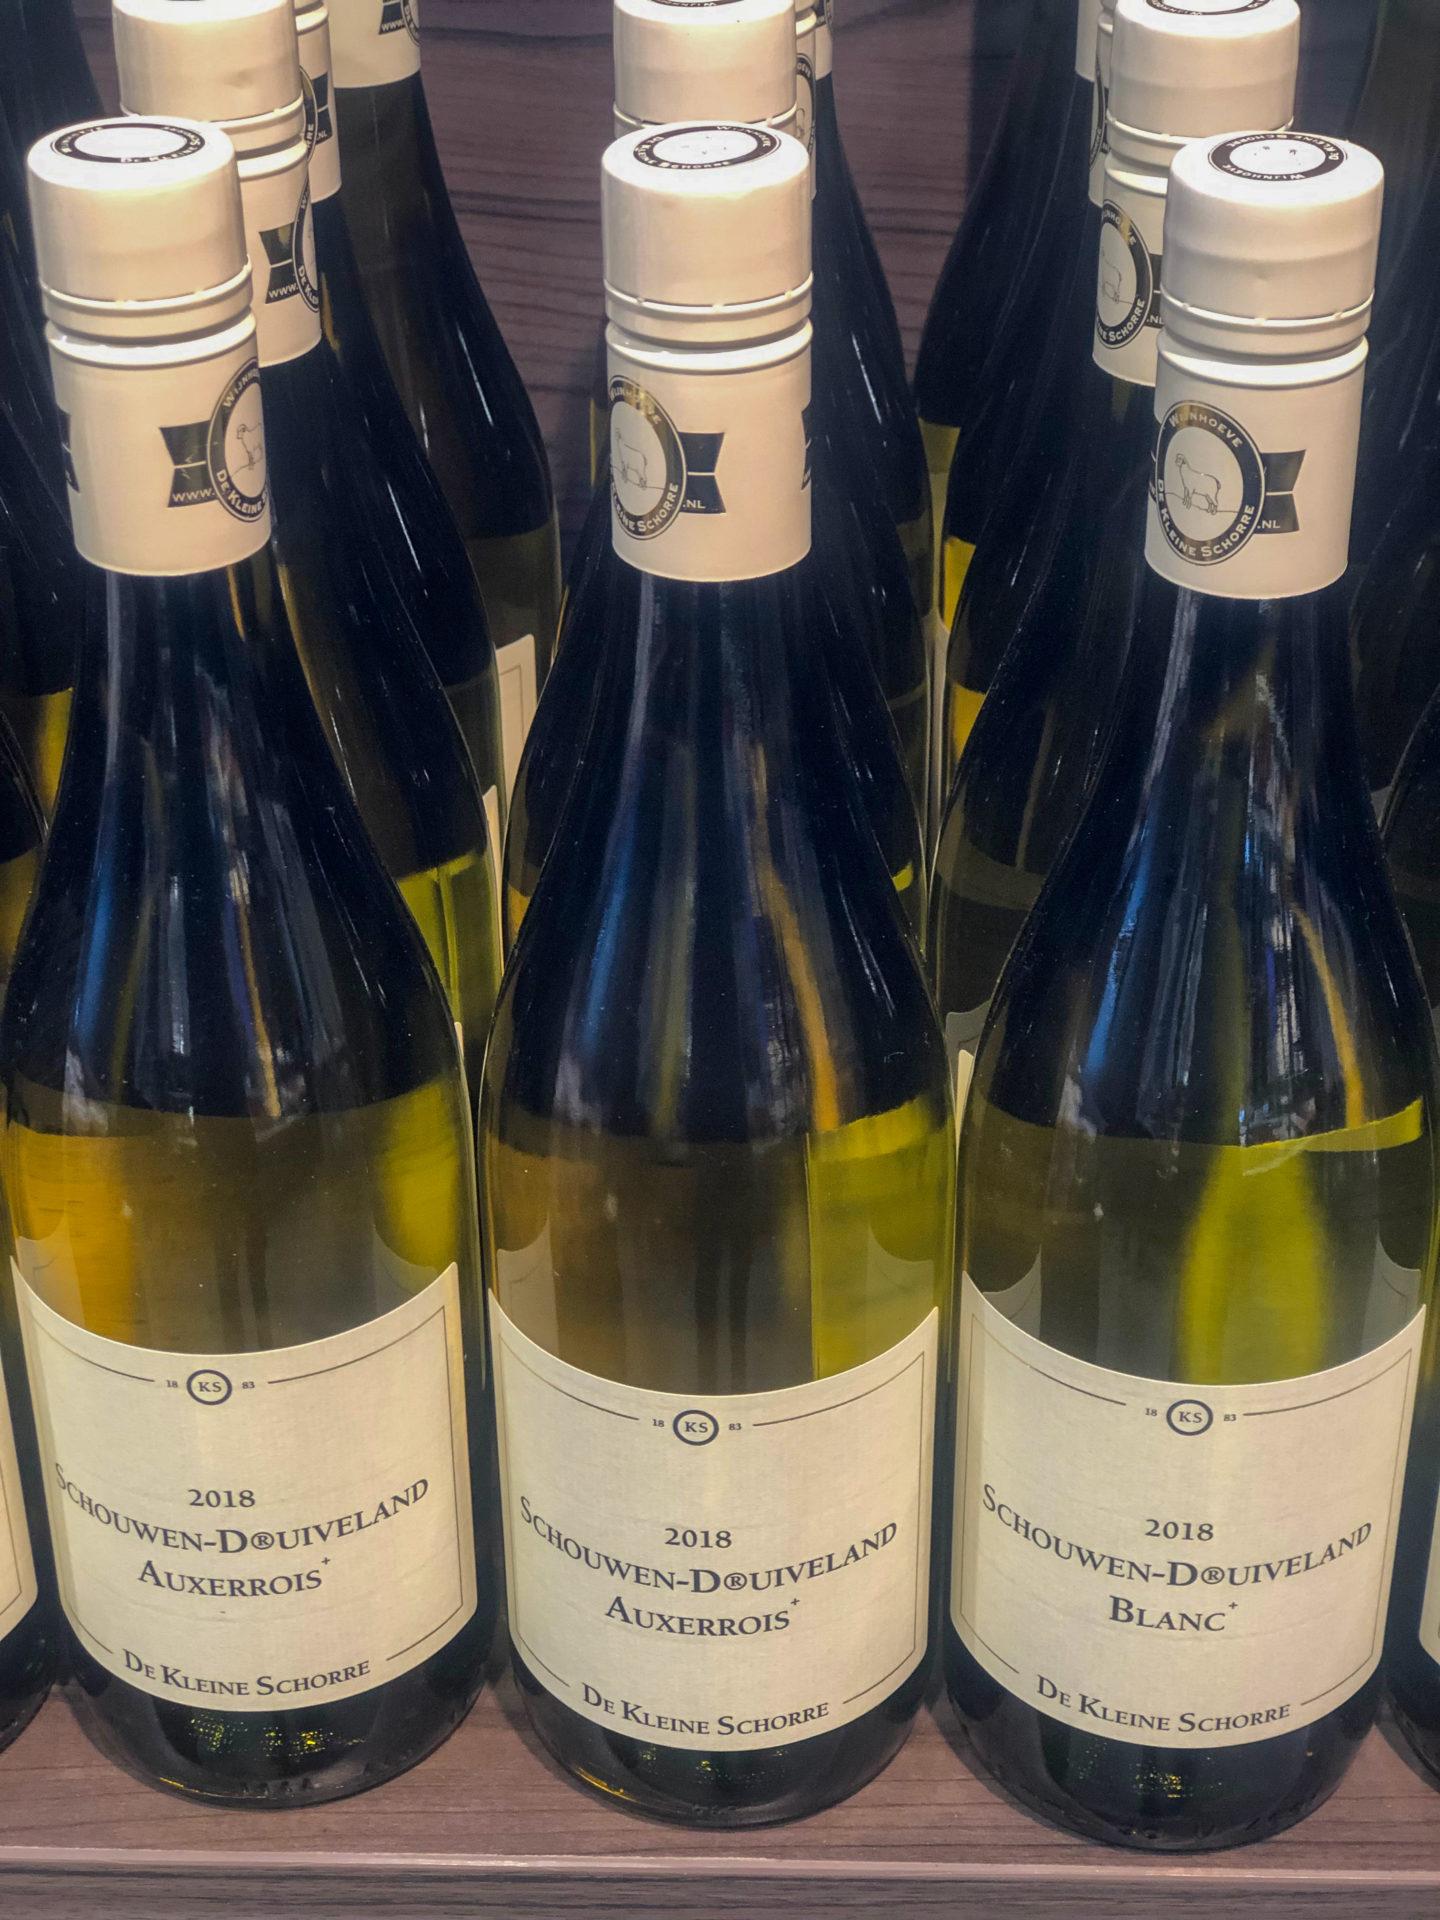 Wein aus Zeeland ist richtig gut, wie De Kleine Schorre beweist